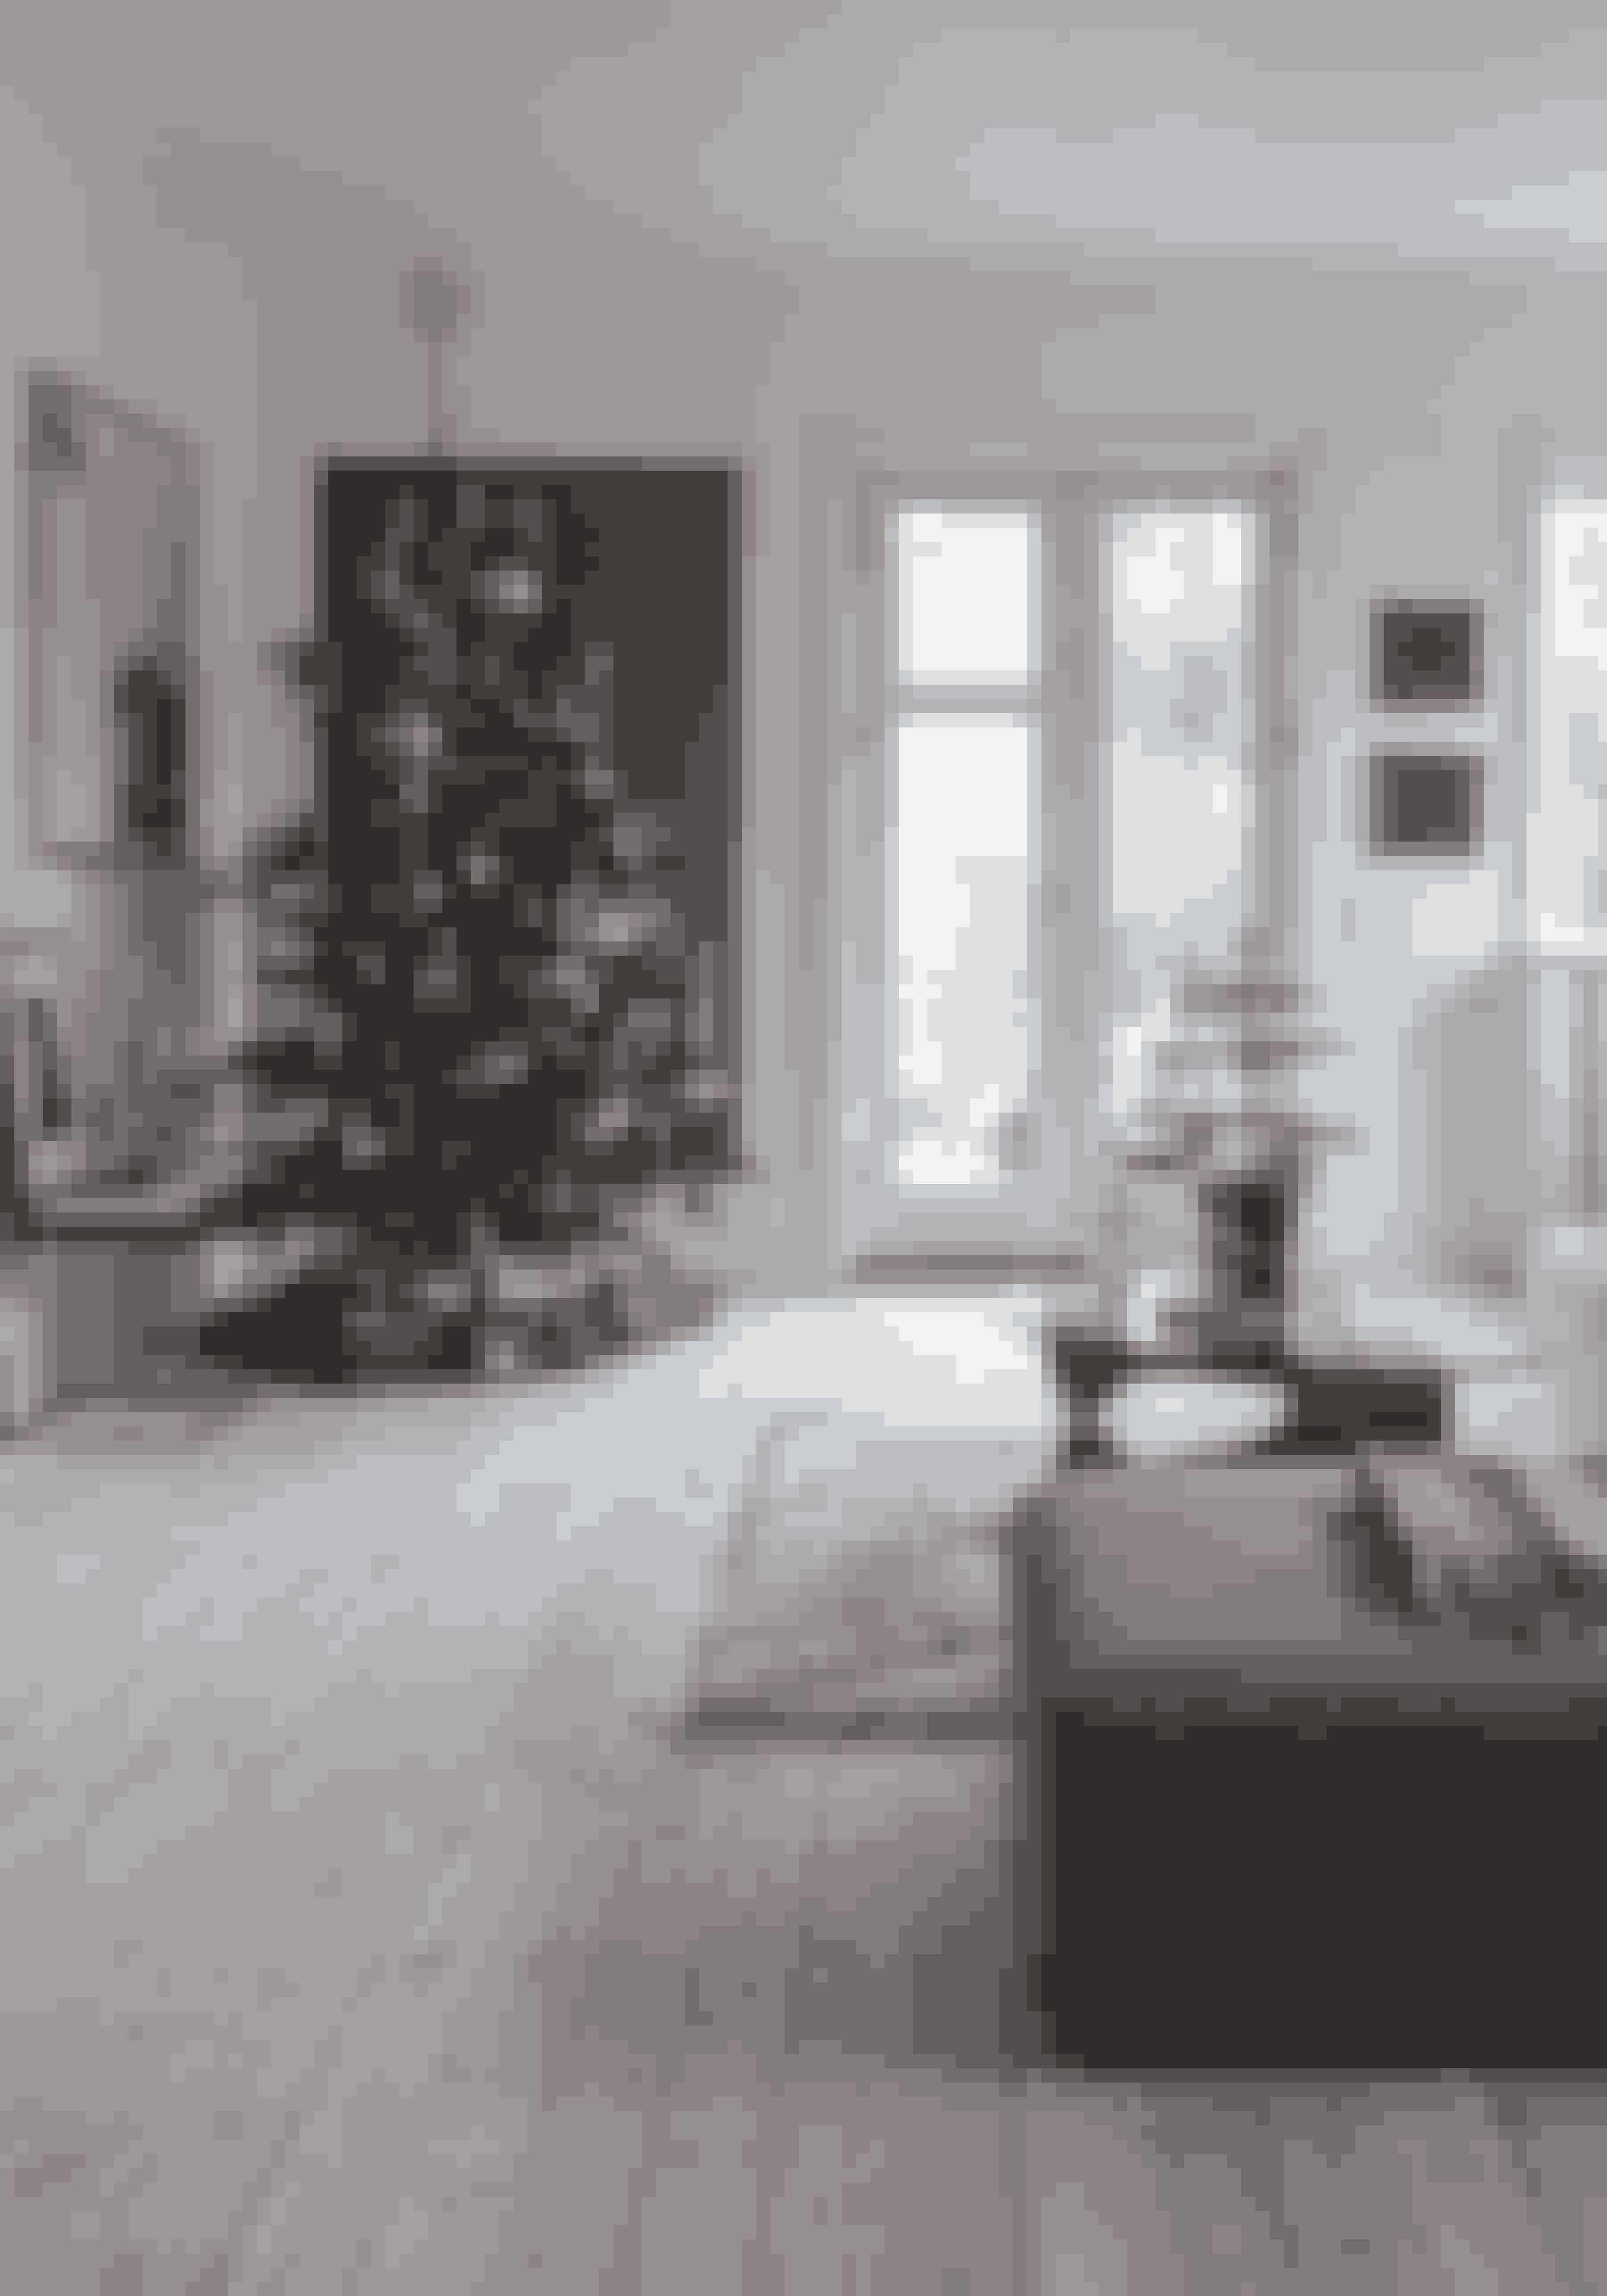 Der kan skabes rigtig meget julestemning med bare et enkelt juletræ med det rigtige pynt.